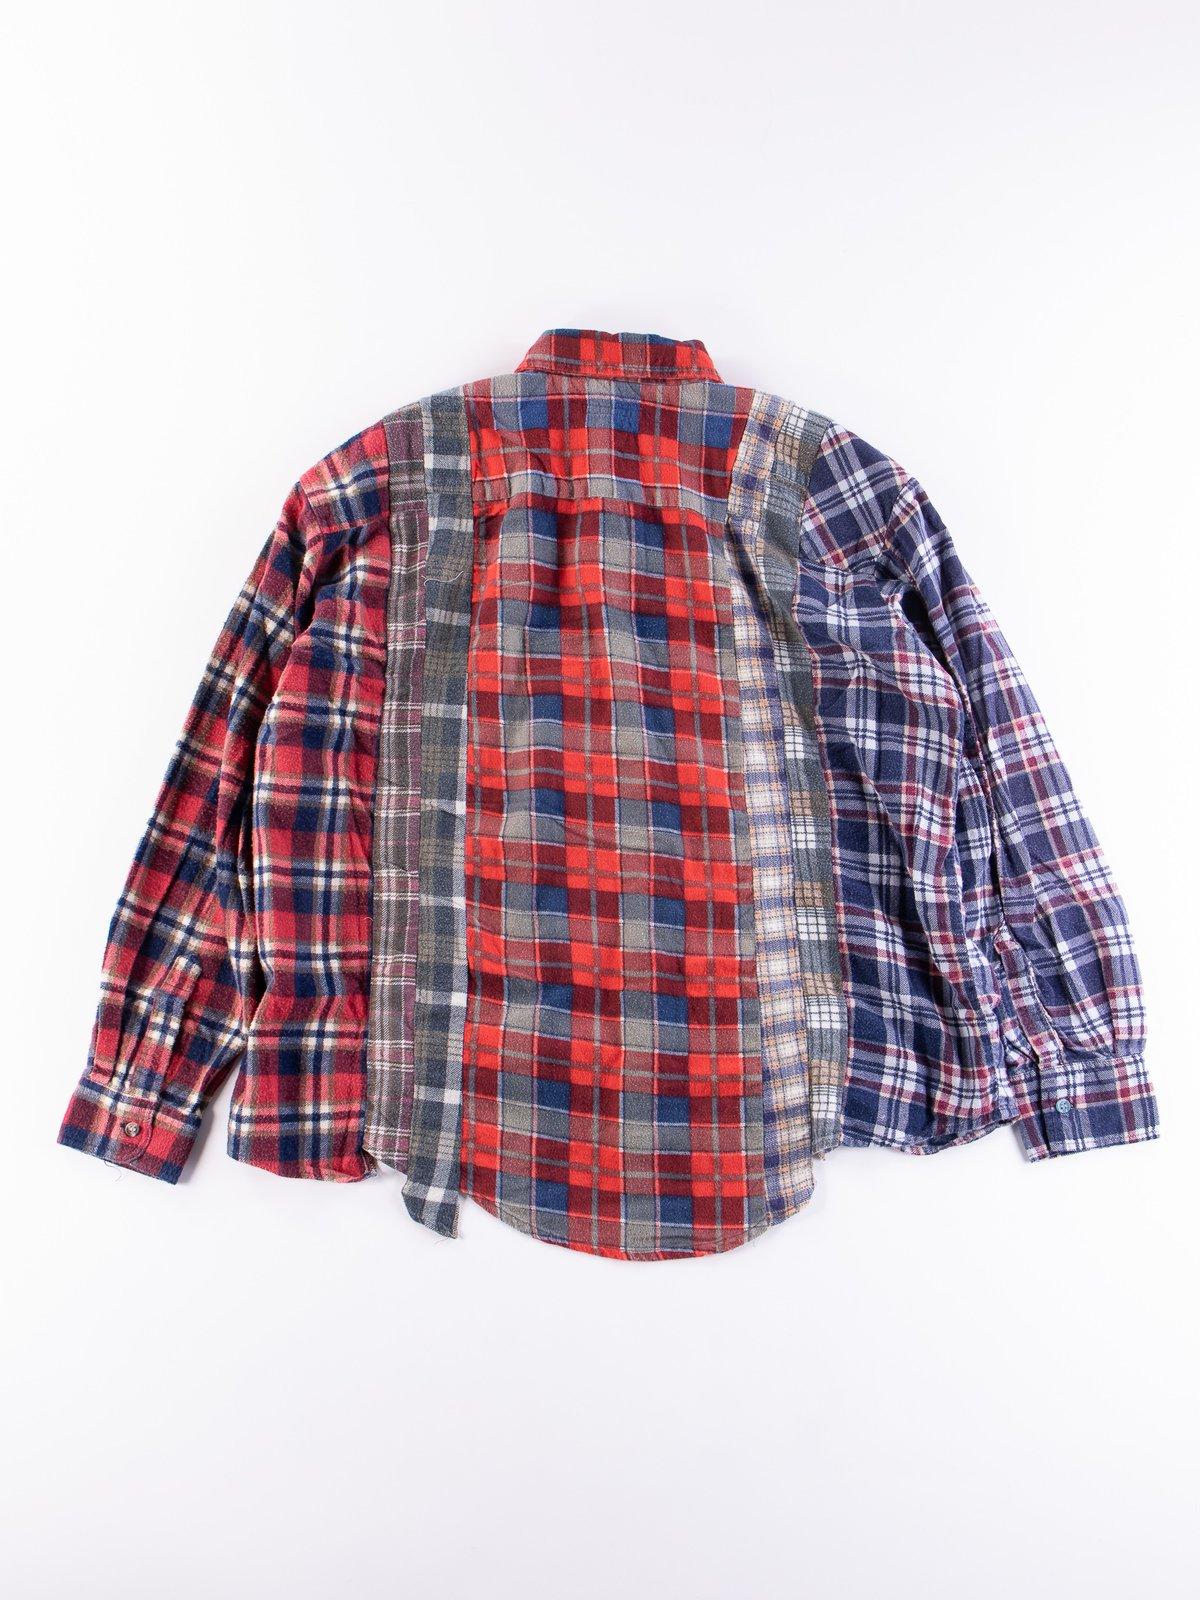 Assorted 7 Cuts Rebuild Shirt - Image 10